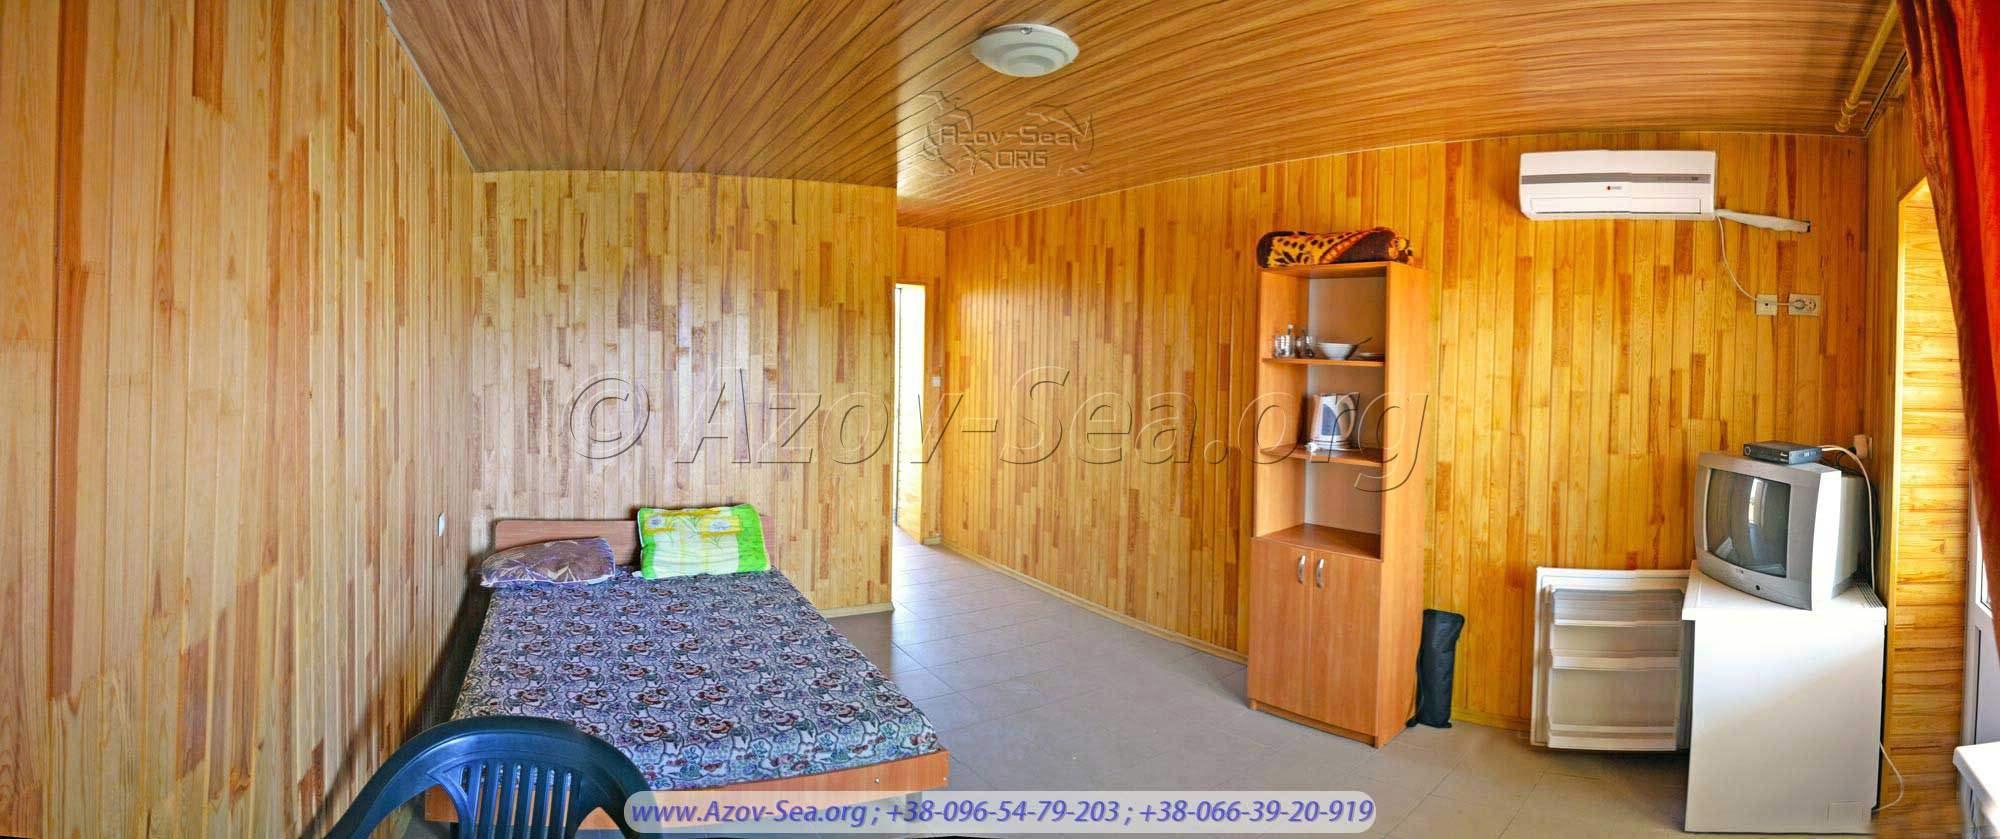 Однокомнатный 2-х местный люкс - 300 гривен